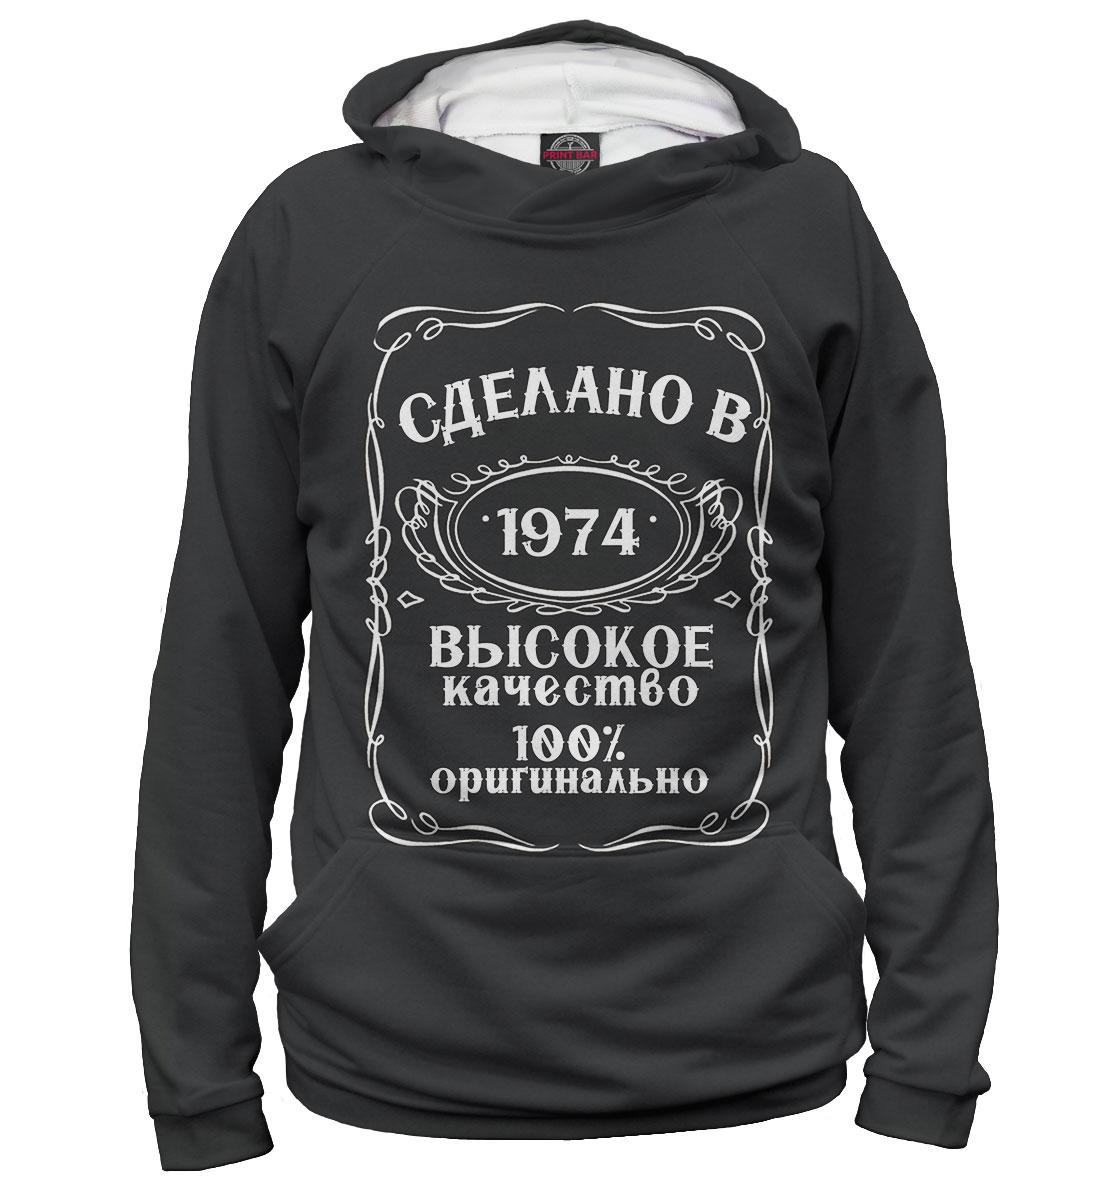 Купить Сделано в 1974, Printbar, Худи, DSC-706101-hud-1